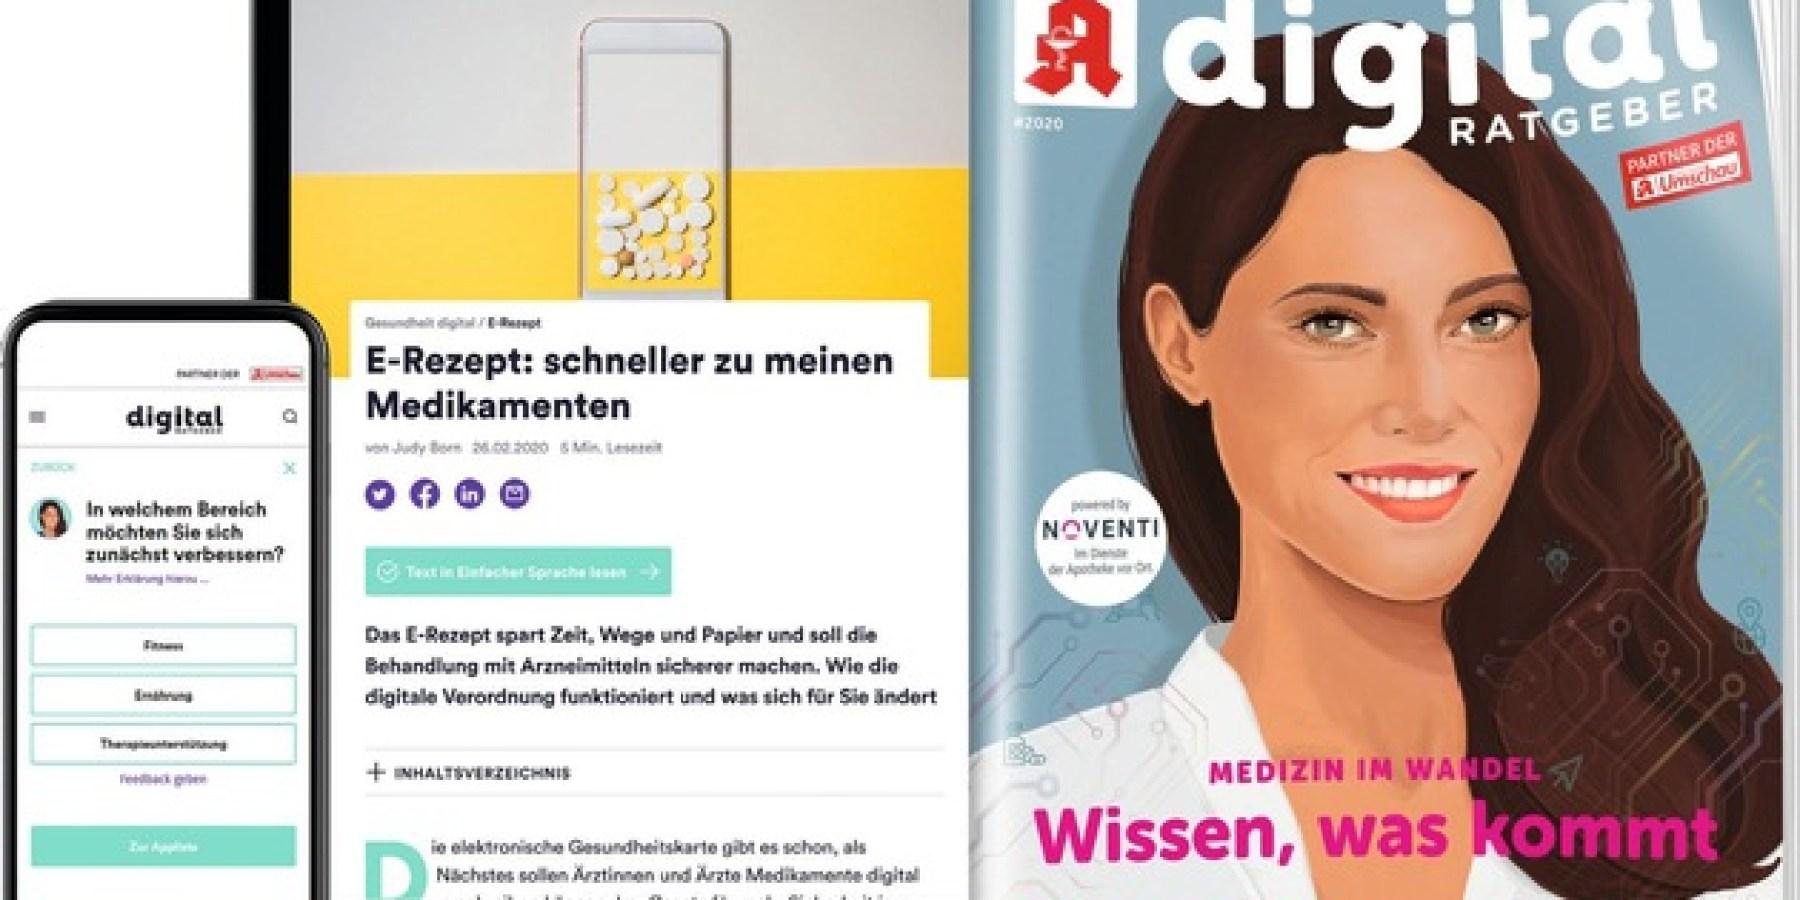 Wort & Bild Verlag launcht neue Medienmarke Digital Ratgeber